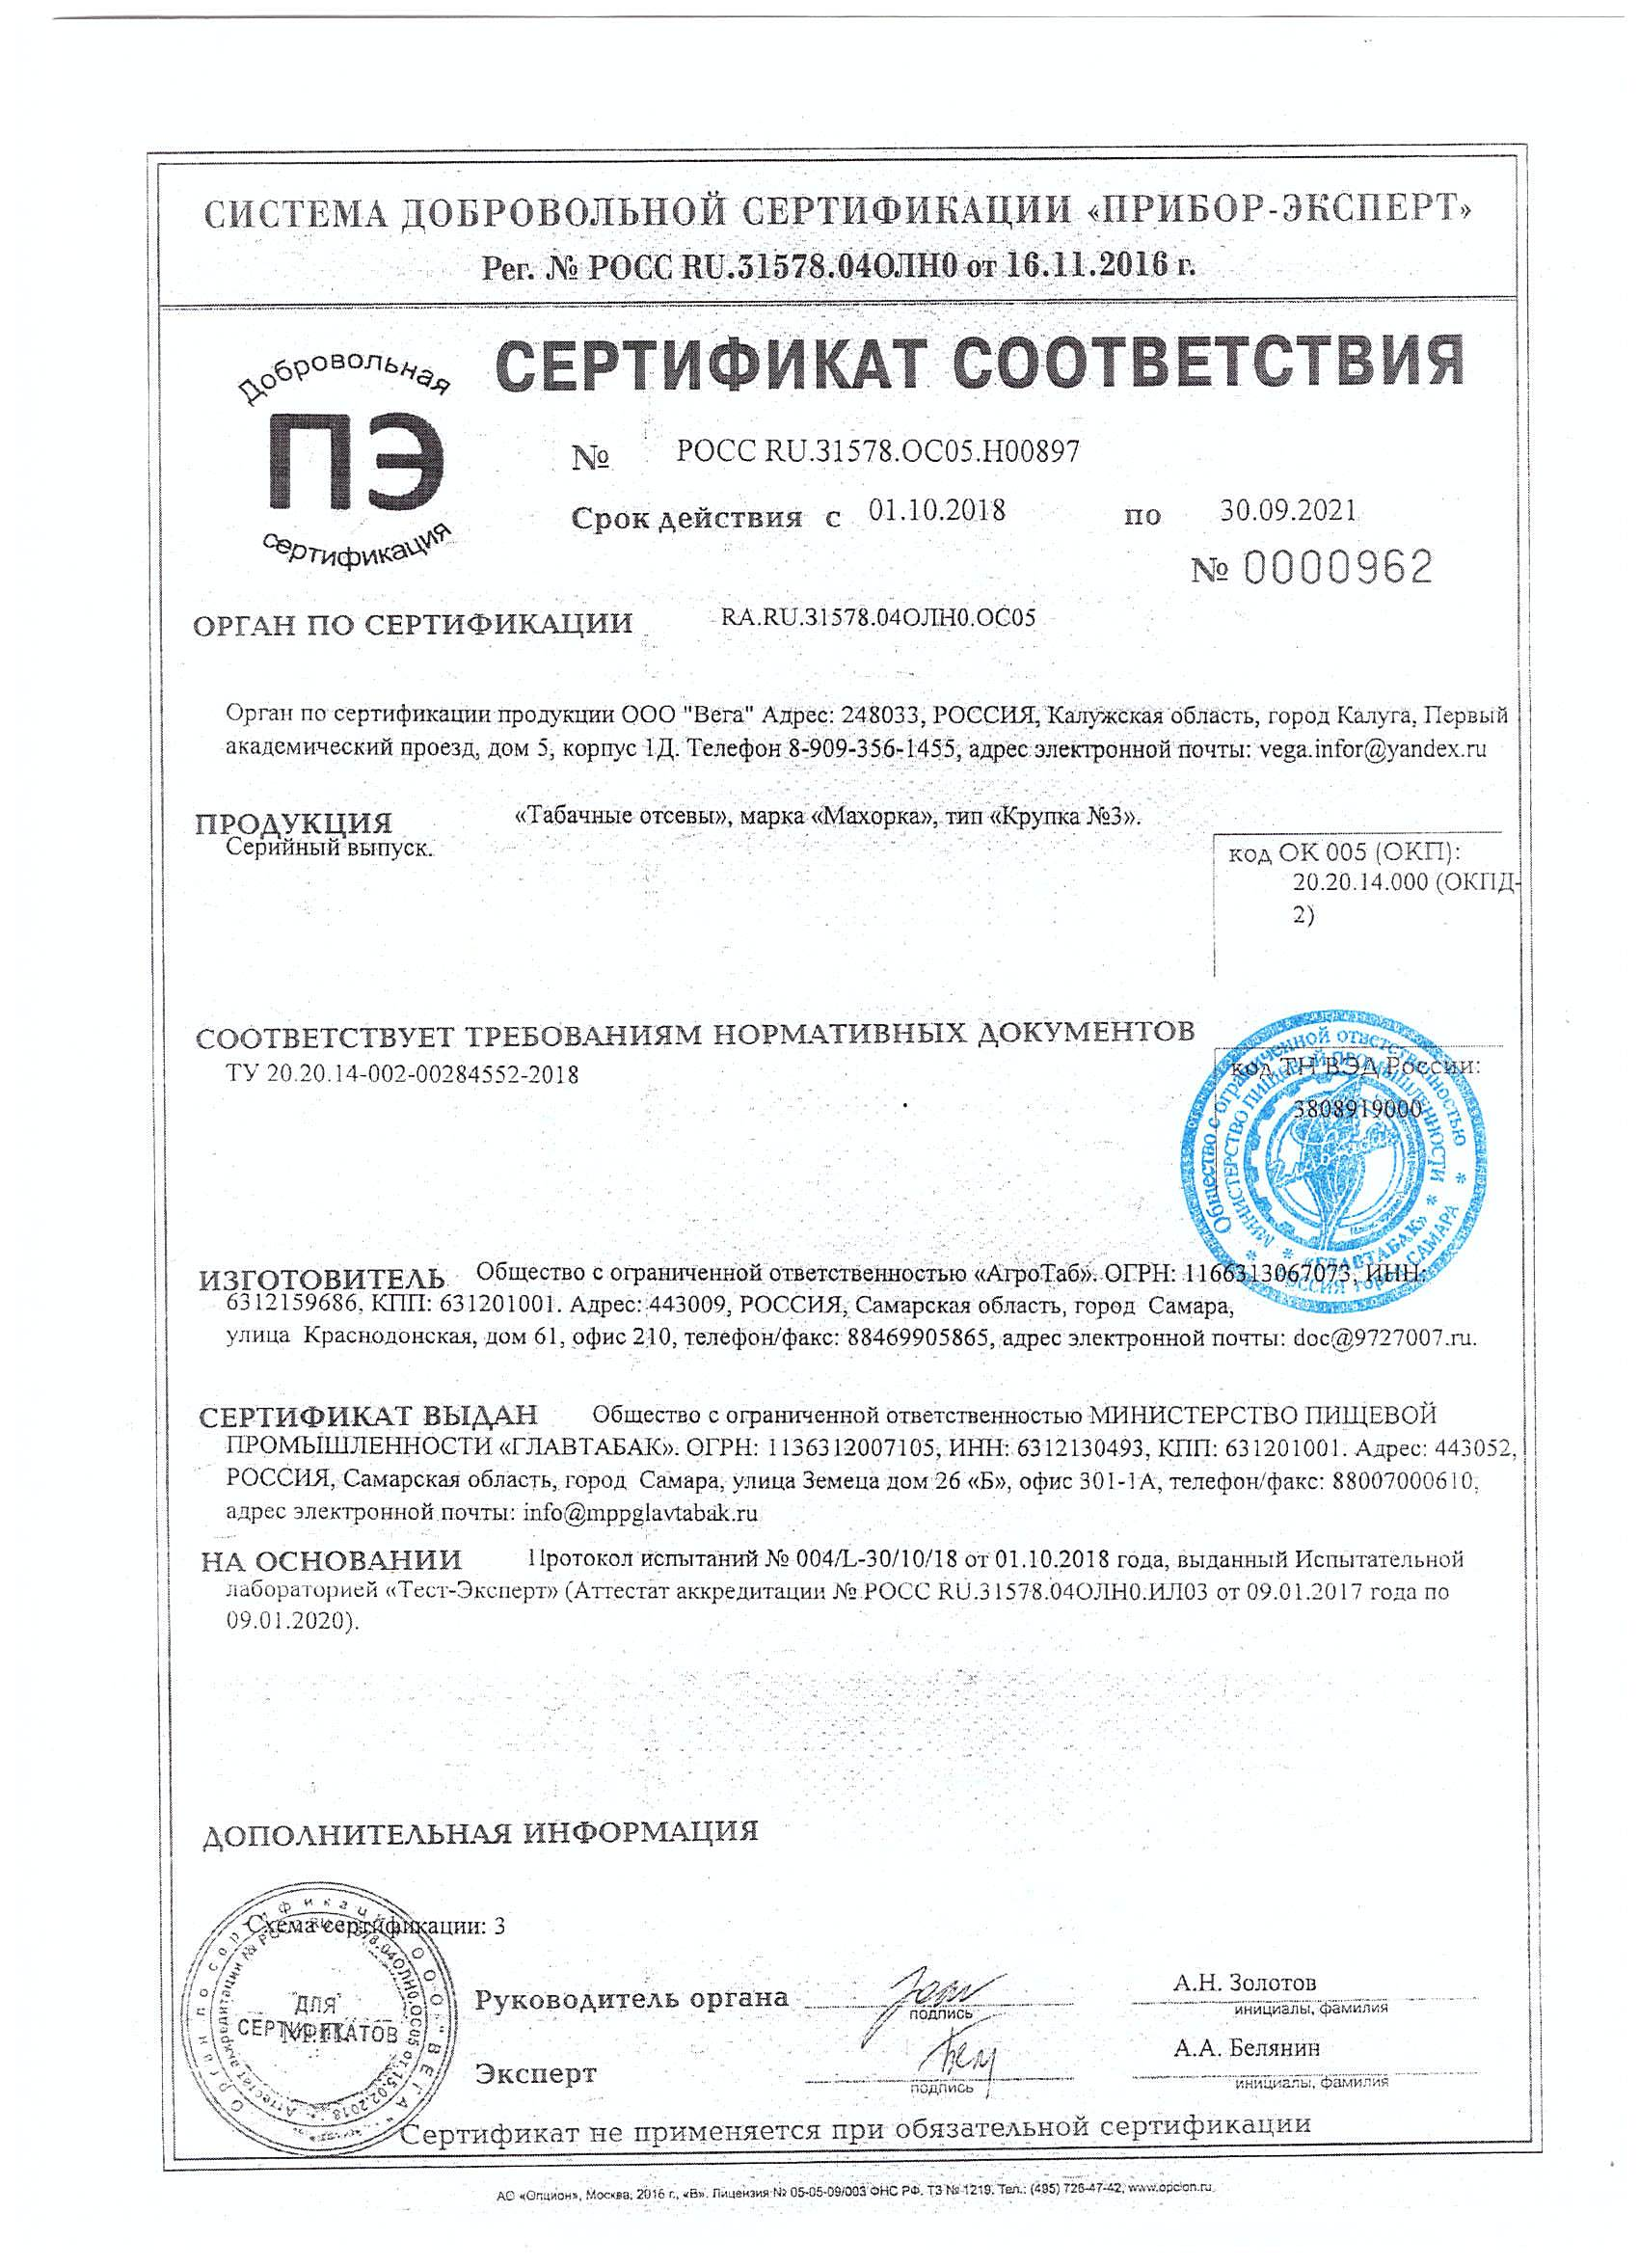 Куплю сертификат на сигареты сигареты филипп морис купить